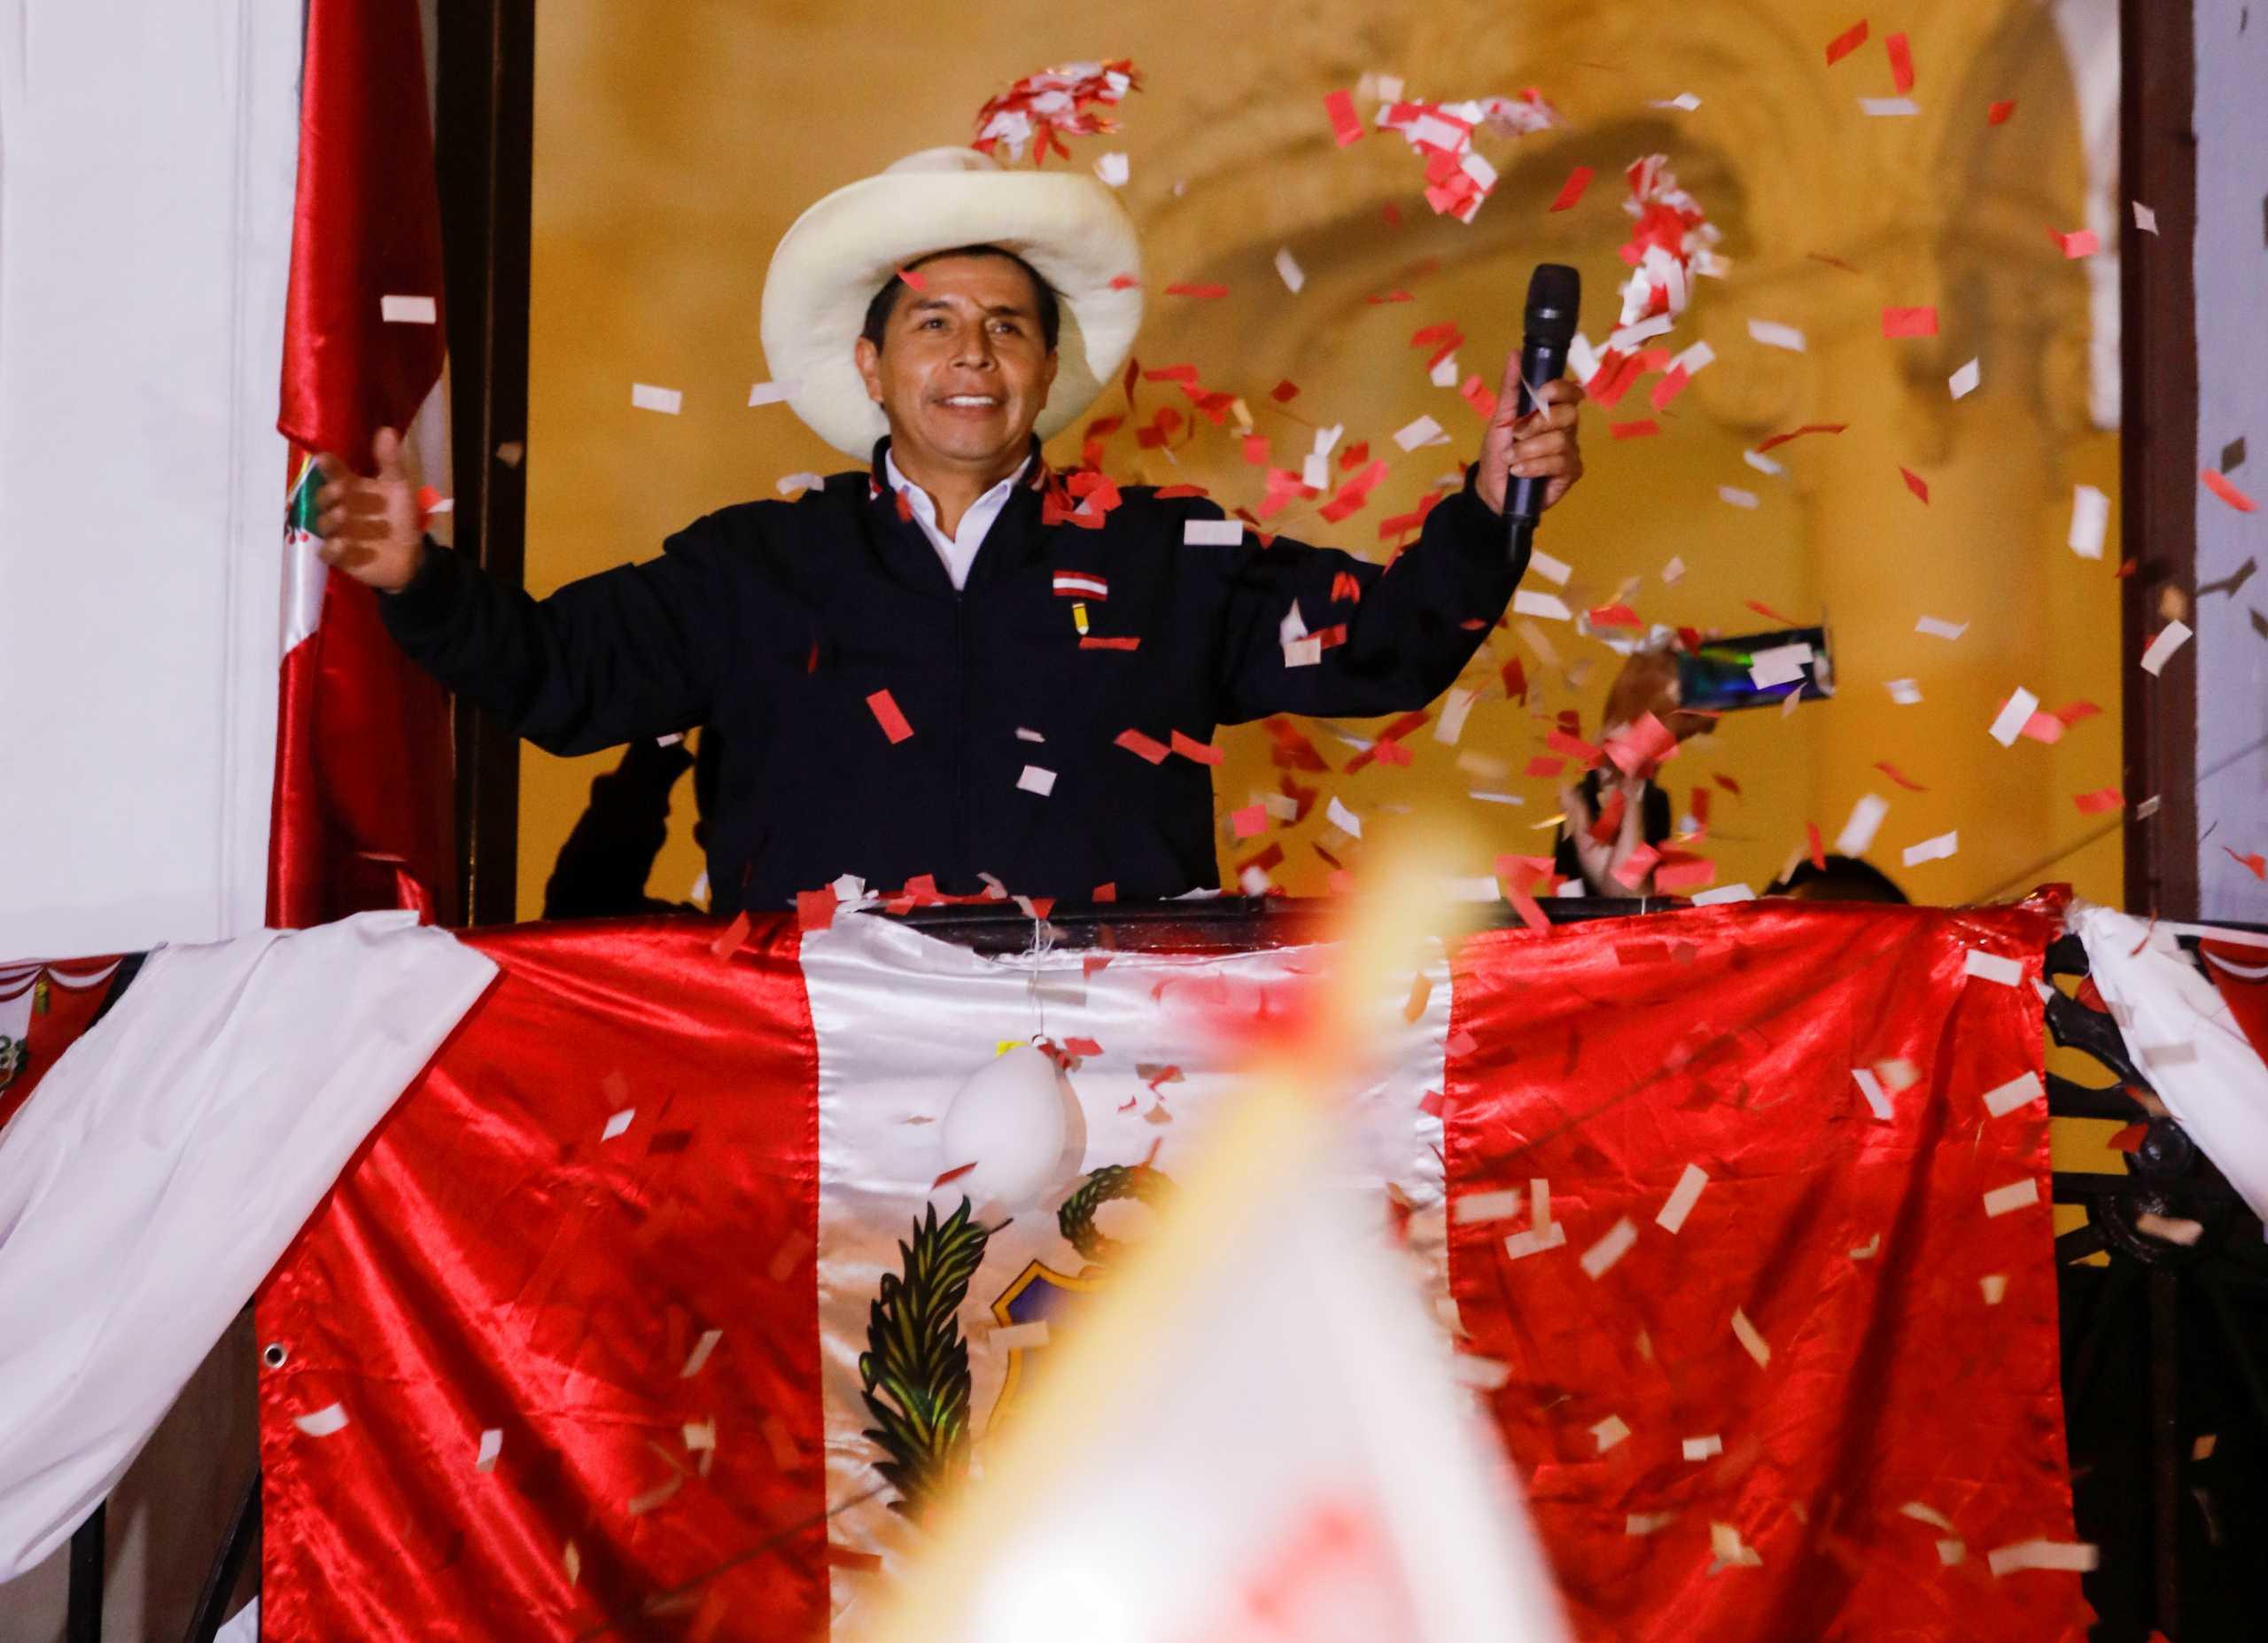 Περού: Ο Καστίγιο ανακηρύσσει εαυτόν νικητή – Ακύρωση 200.000 ψήφων ζητά η Φουχιμόρι